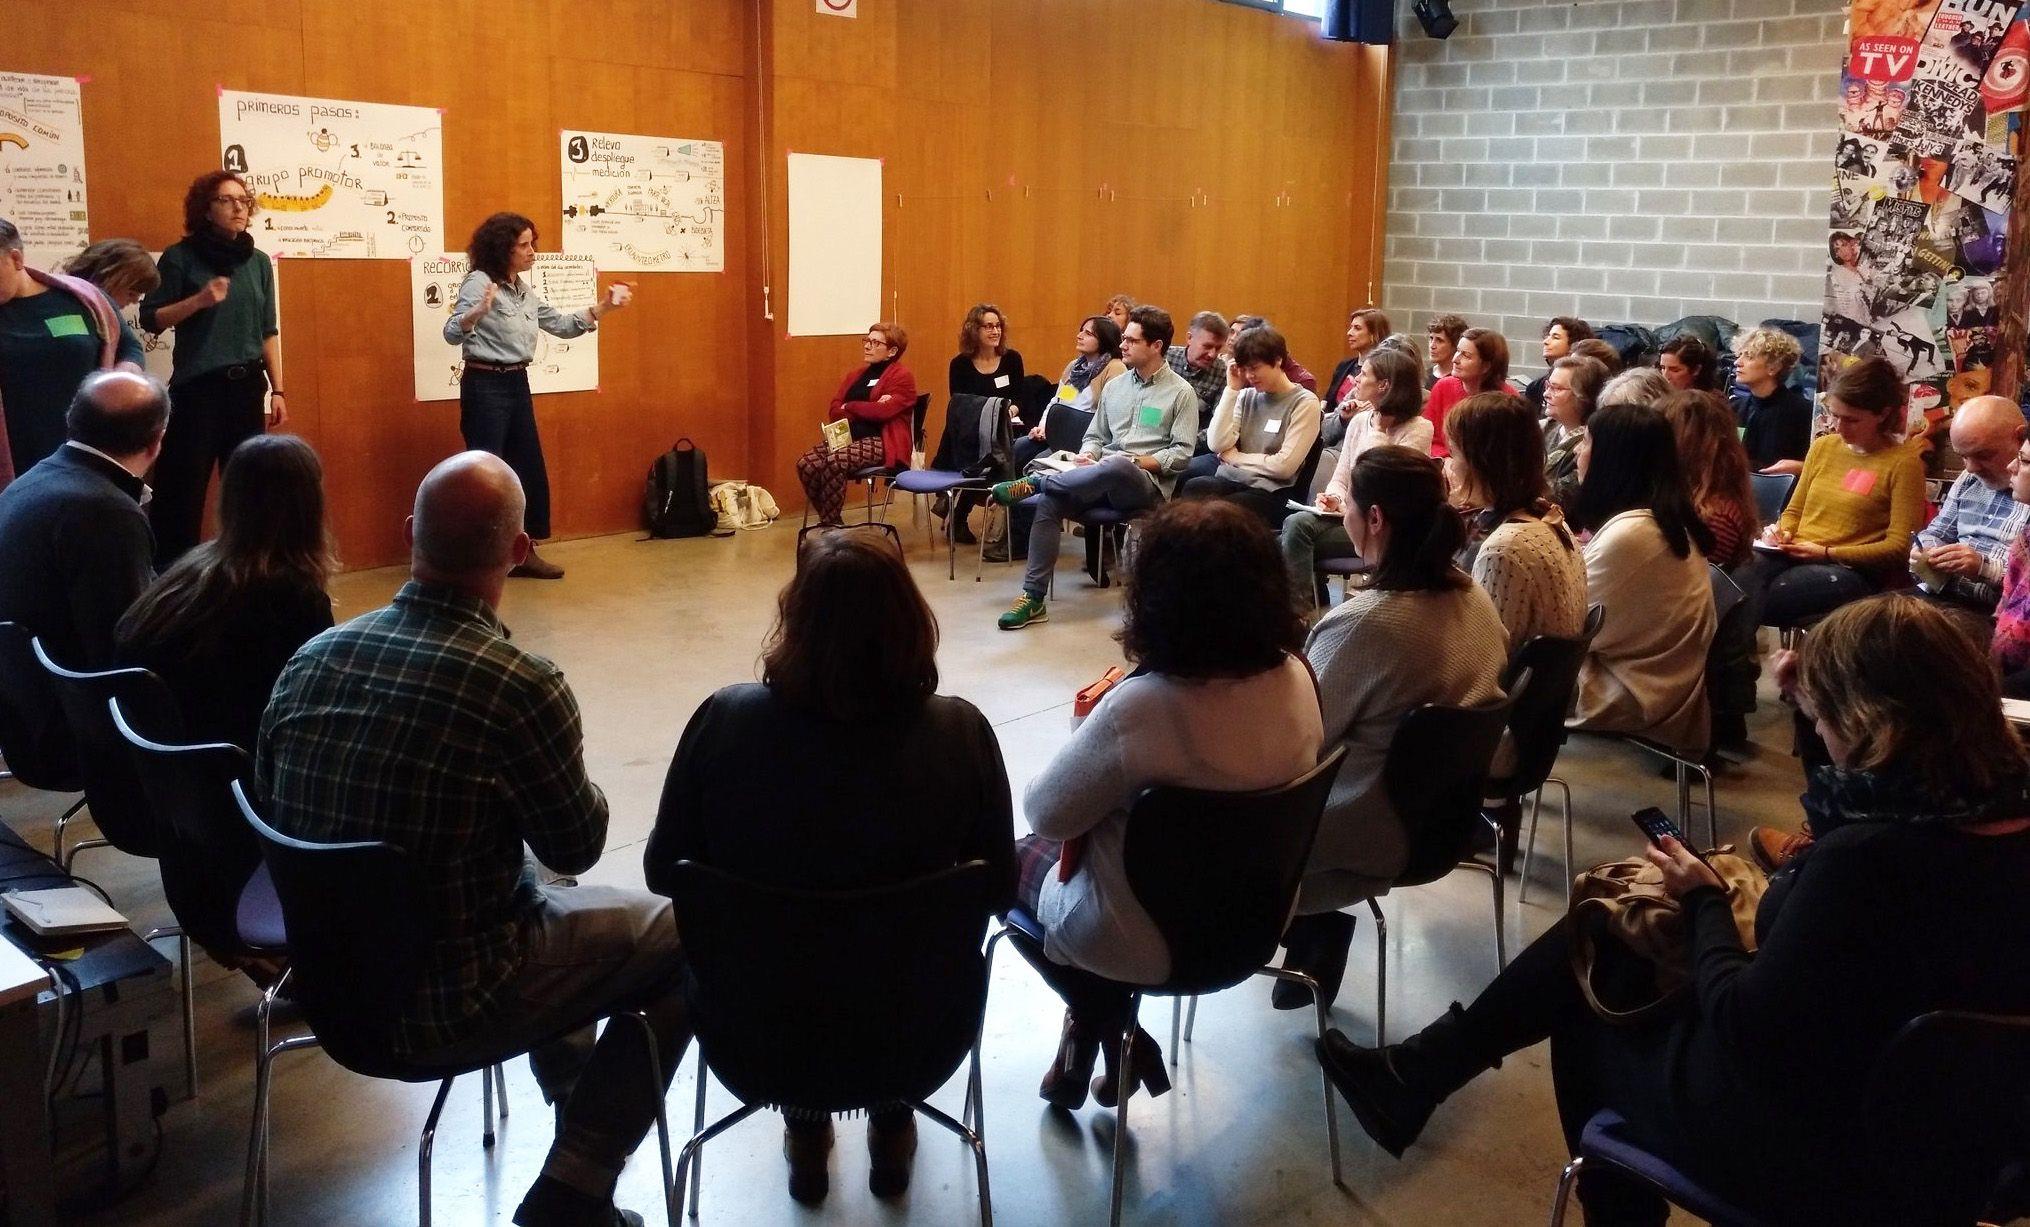 Farmacias de San Sebastián participan en iniciativa municipal 'Erlauntza' para mejorar la salud comunitaria